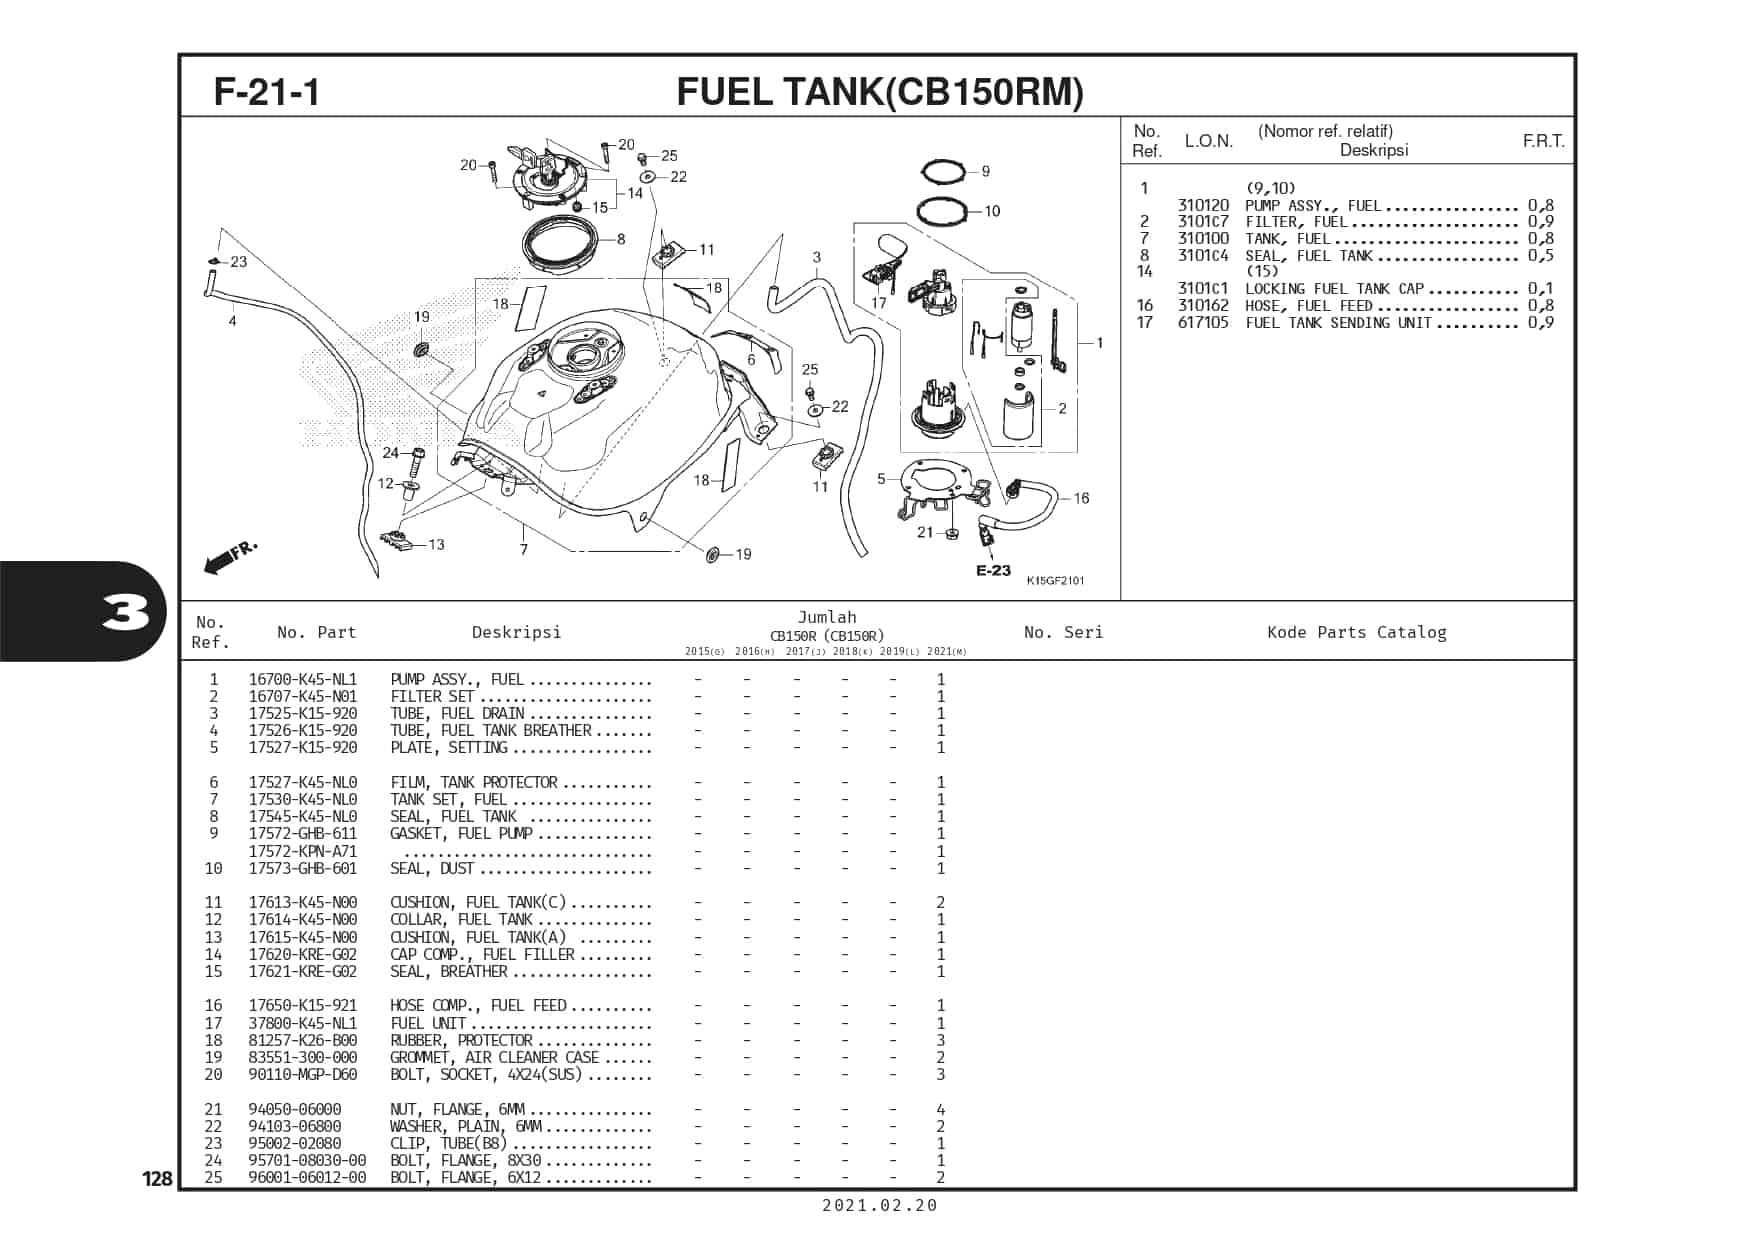 F-21-1 Fuel Tank (CB150RM)